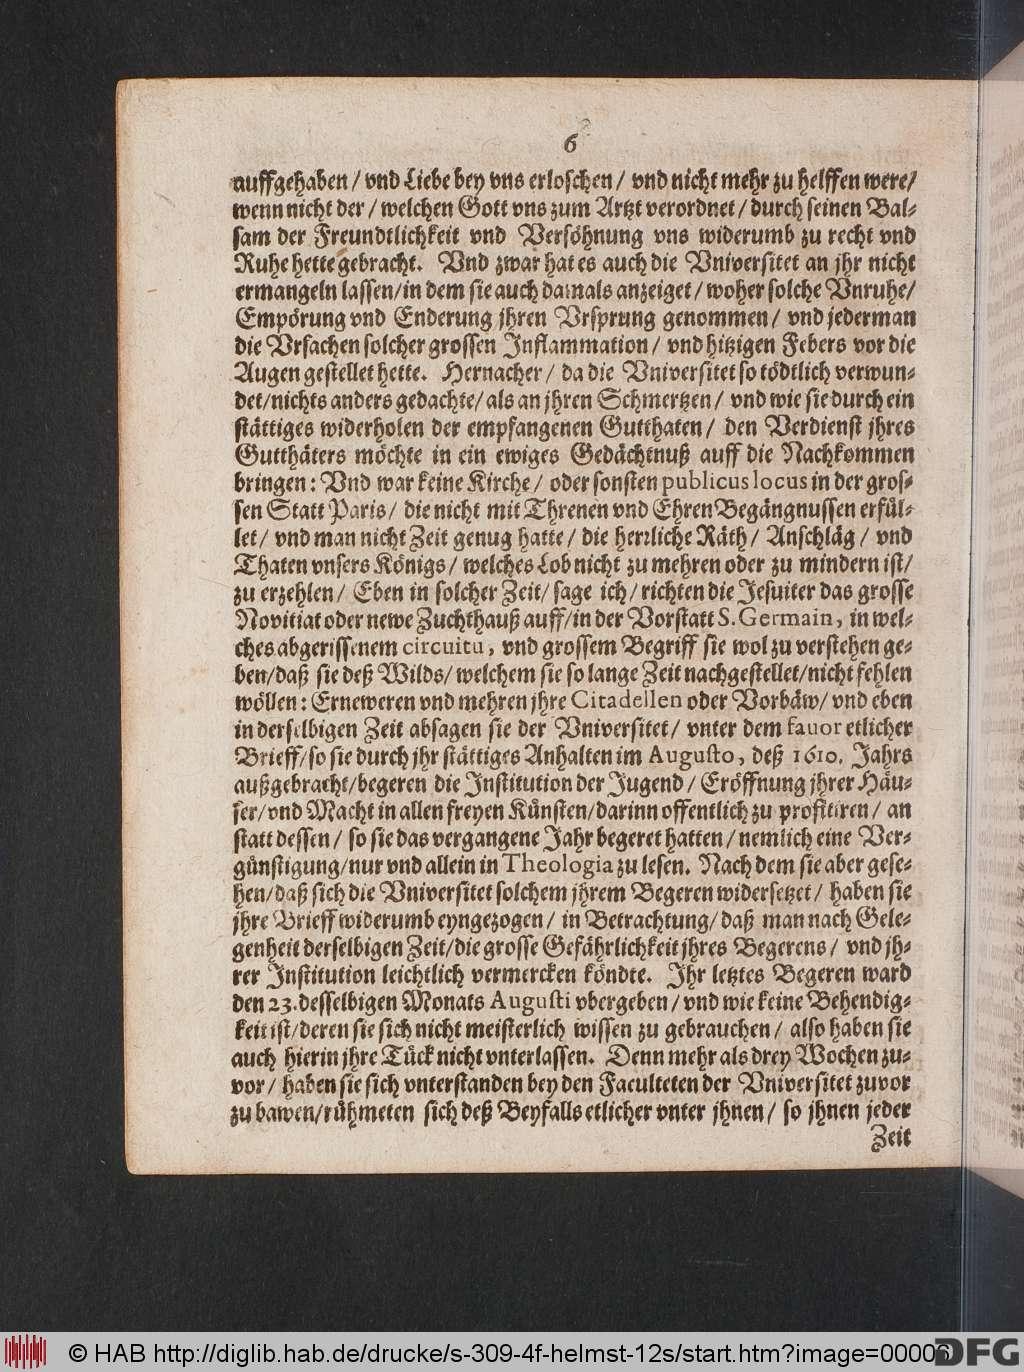 http://diglib.hab.de/drucke/s-309-4f-helmst-12s/00006.jpg